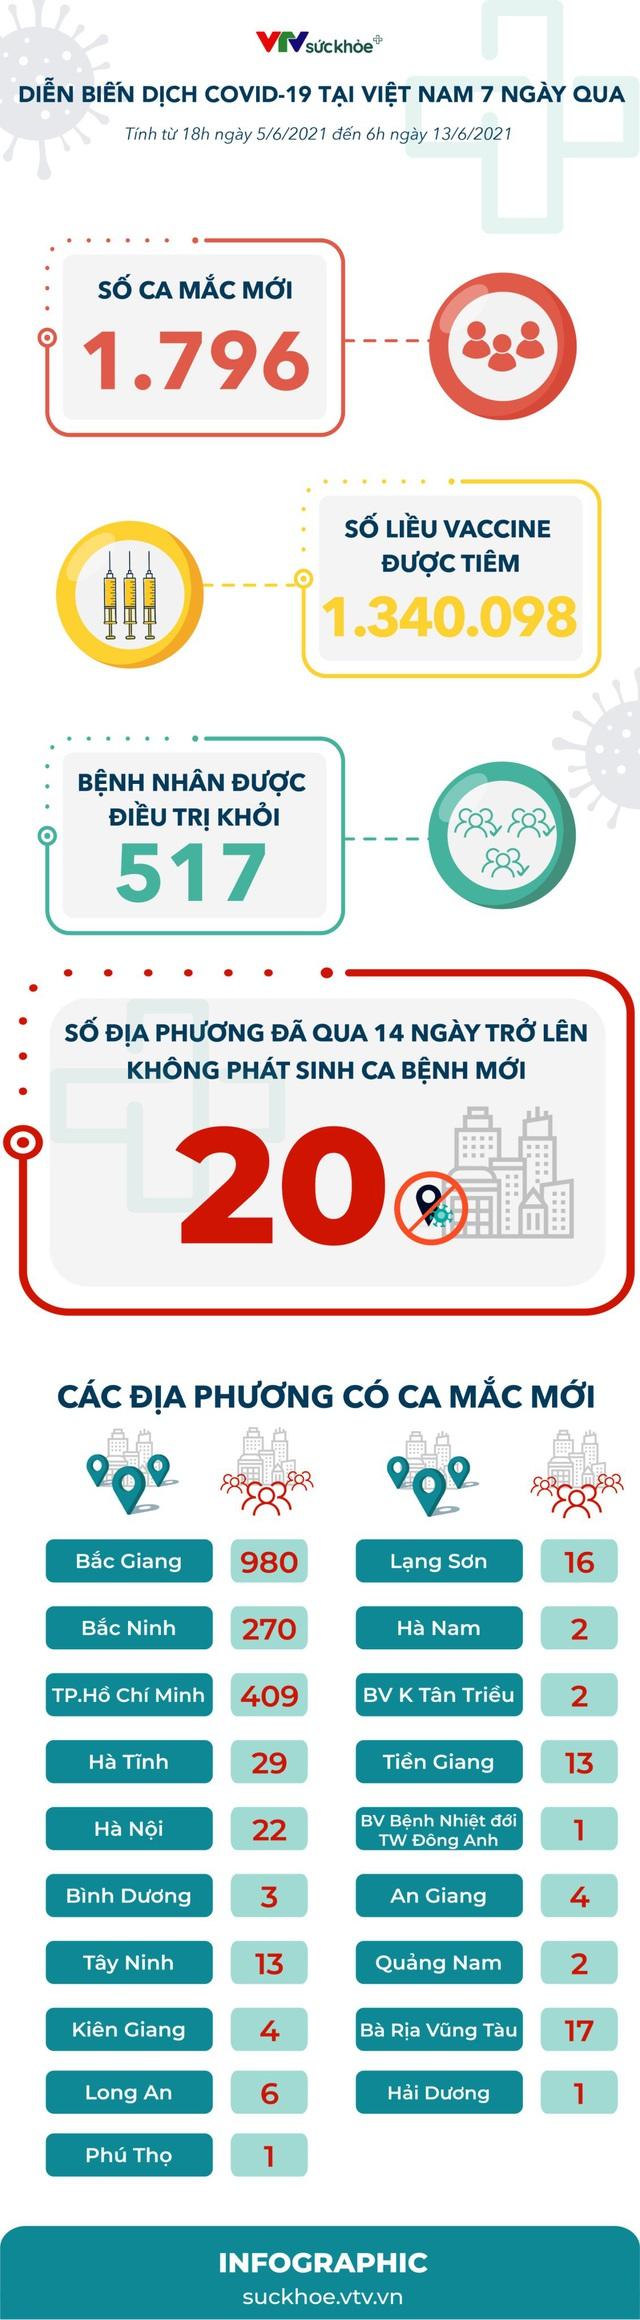 Nhìn lại diễn biến dịch COVID-19 tại Việt Nam 7 ngày qua - Ảnh 1.